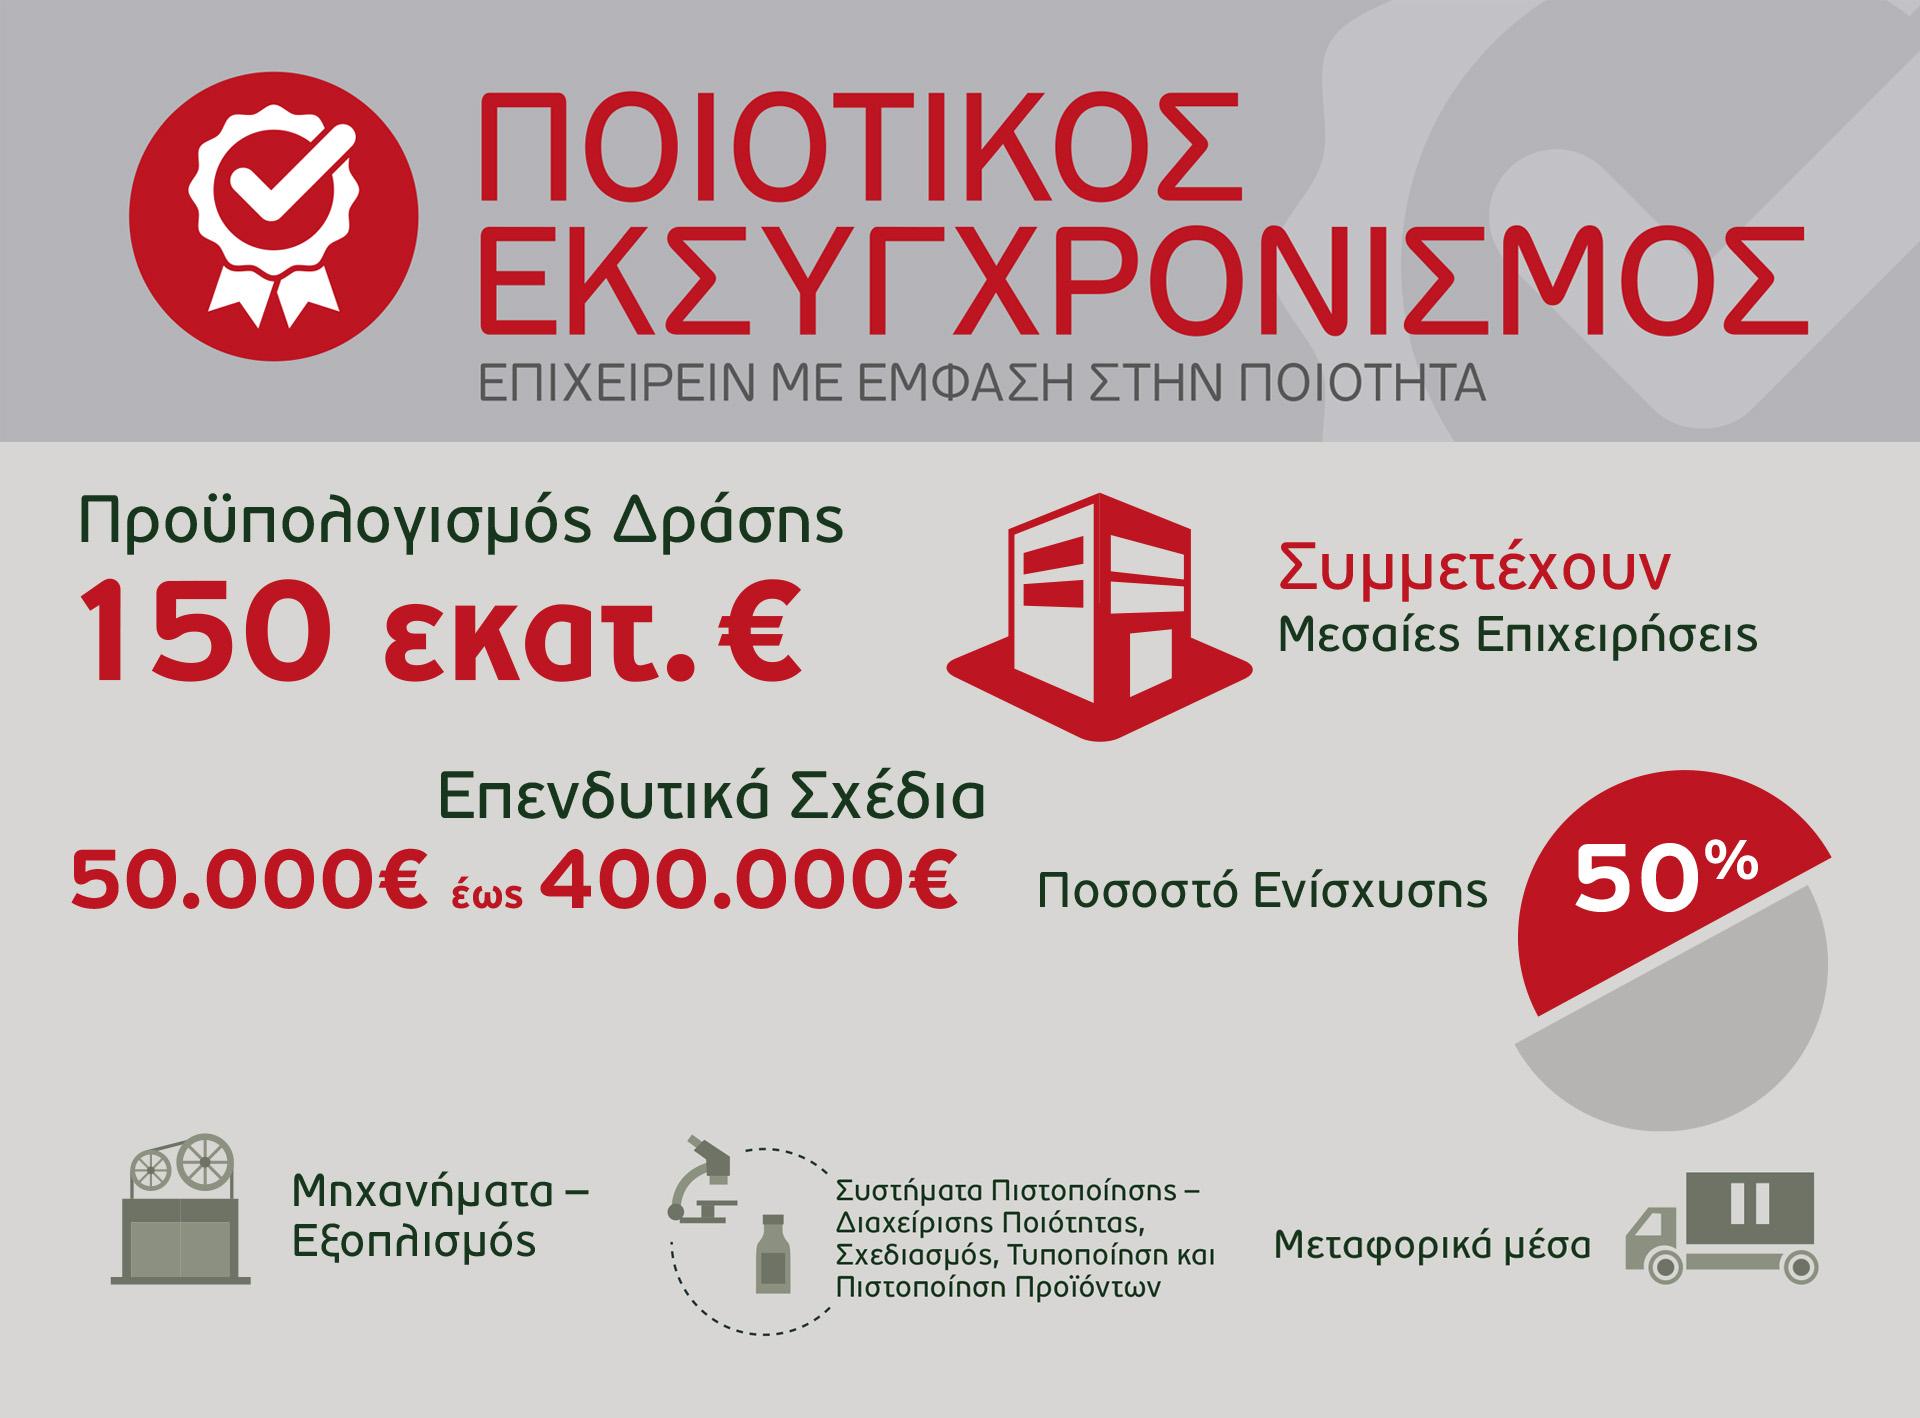 """Ο Κωνσταντίνος Μαργαρίτης εντοπίζει στο Ευρωπαϊκό Πρόγραμμα """"Ποιοτικός Εκσυγχρονισμός"""" μια ευκαιρία για τις επιχειρήσεις να αντλήσουν χρηματοδότηση. new deal"""